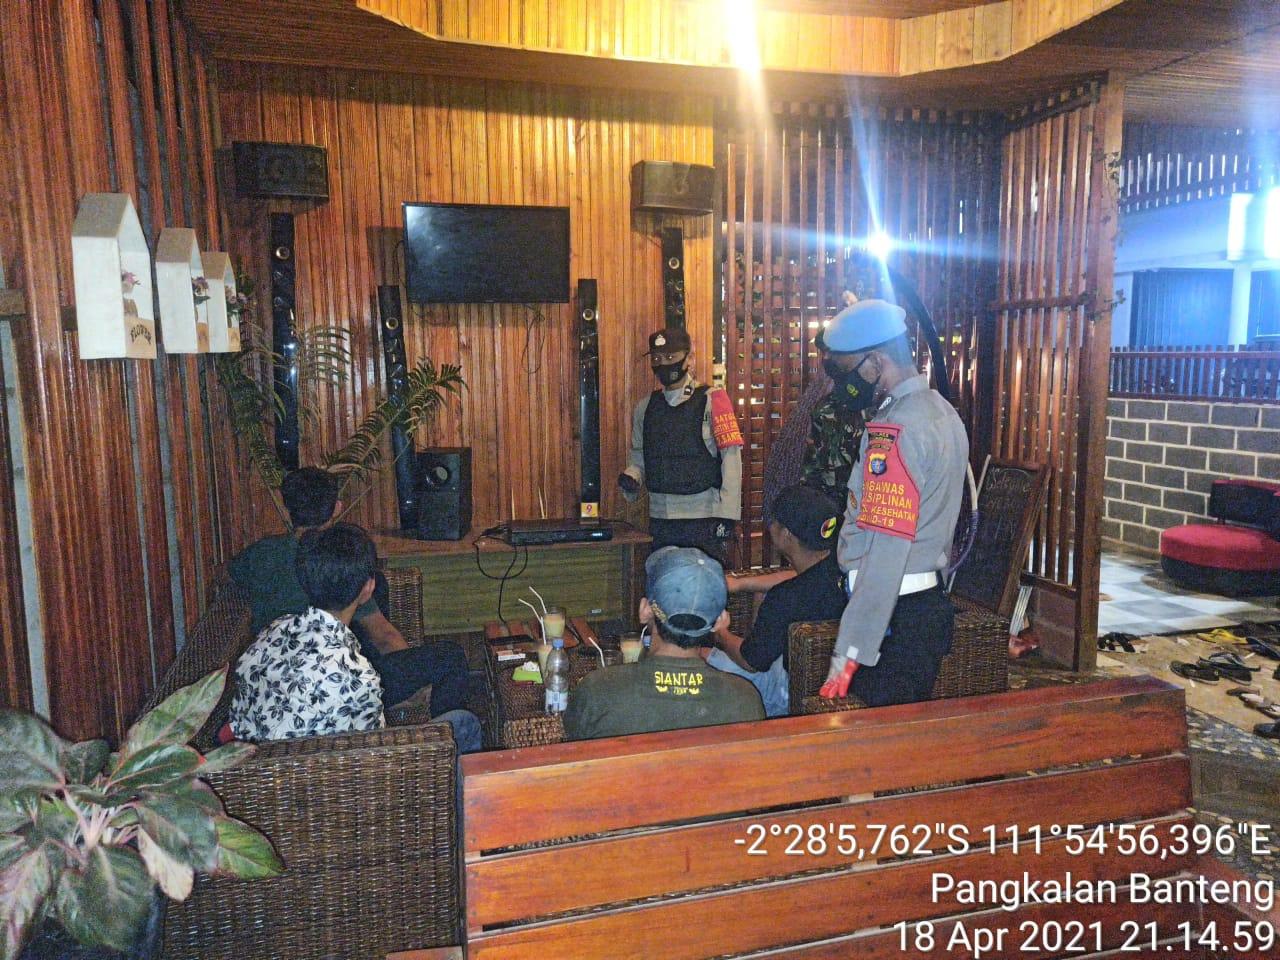 TNI-POLRI Laksanakan Yustisi malam hari di Kec. Pangkalan Banteng